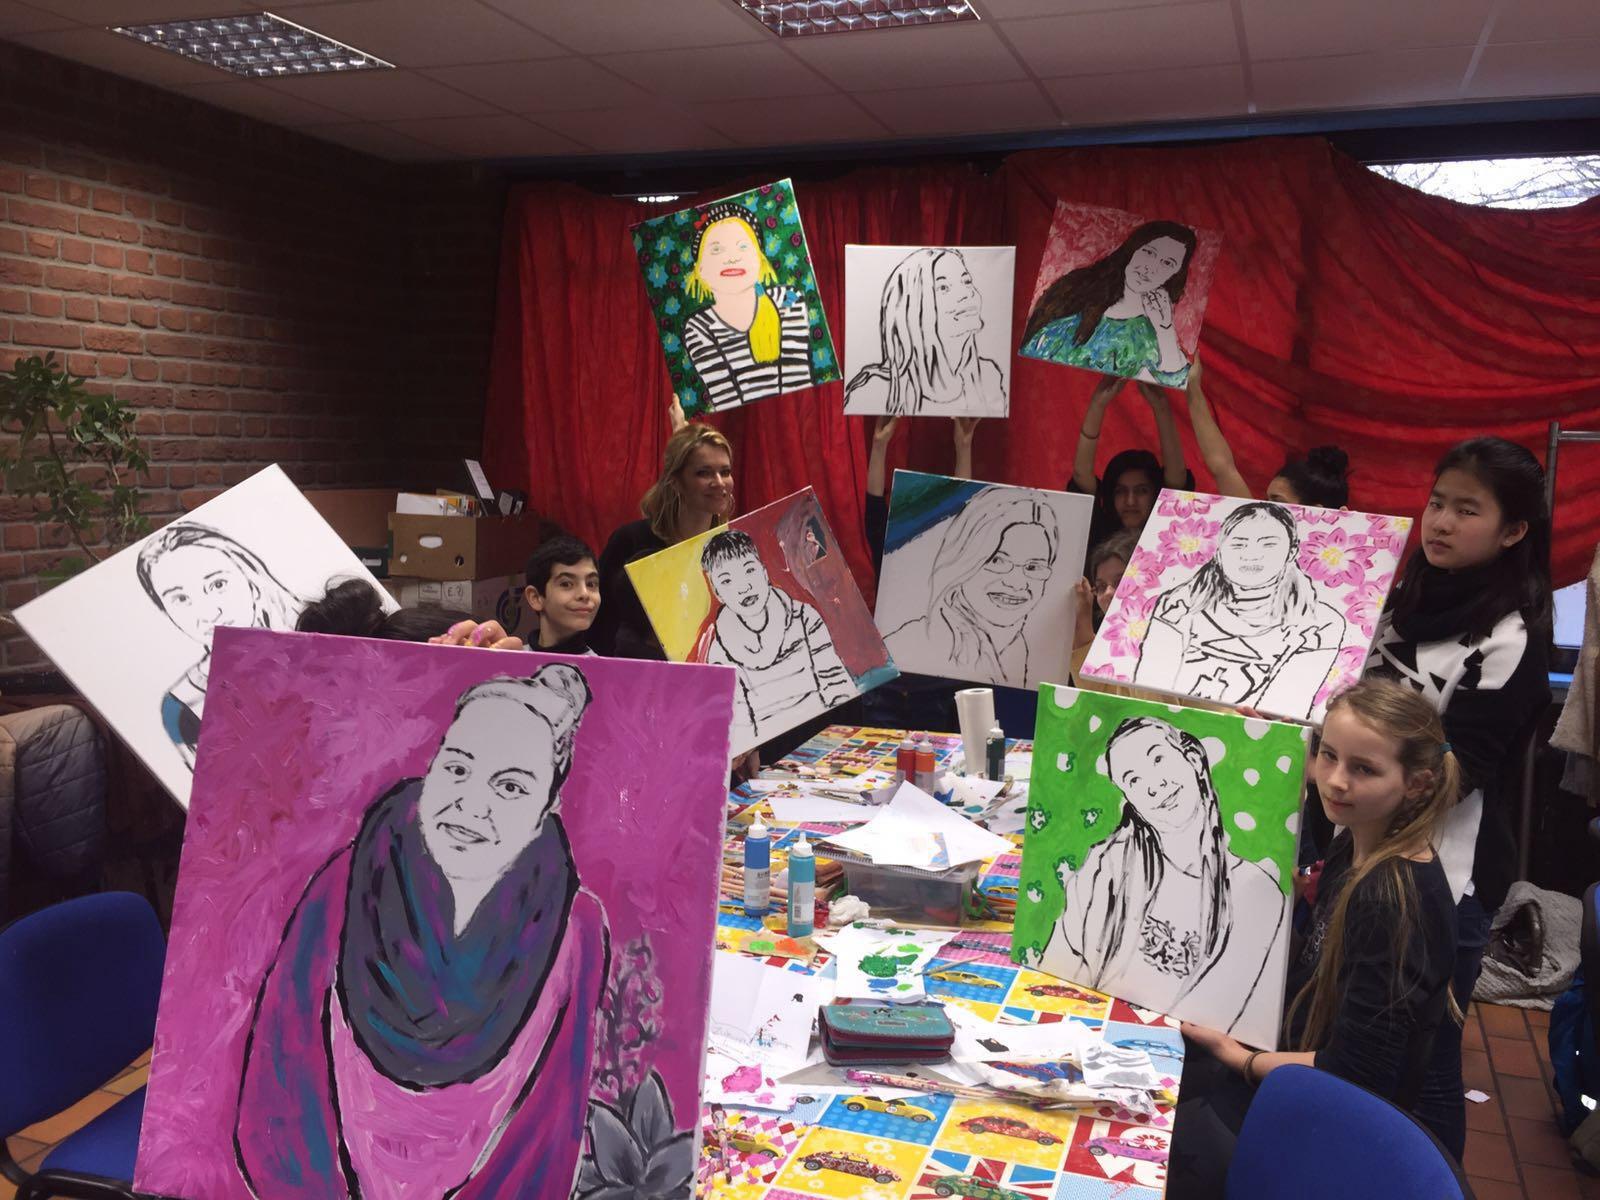 Mit neu erlernten Techniken brachten die jungen Künstler ihre Selfies und Porträts auf die Leinwand (Foto: Stadt Ratingen)